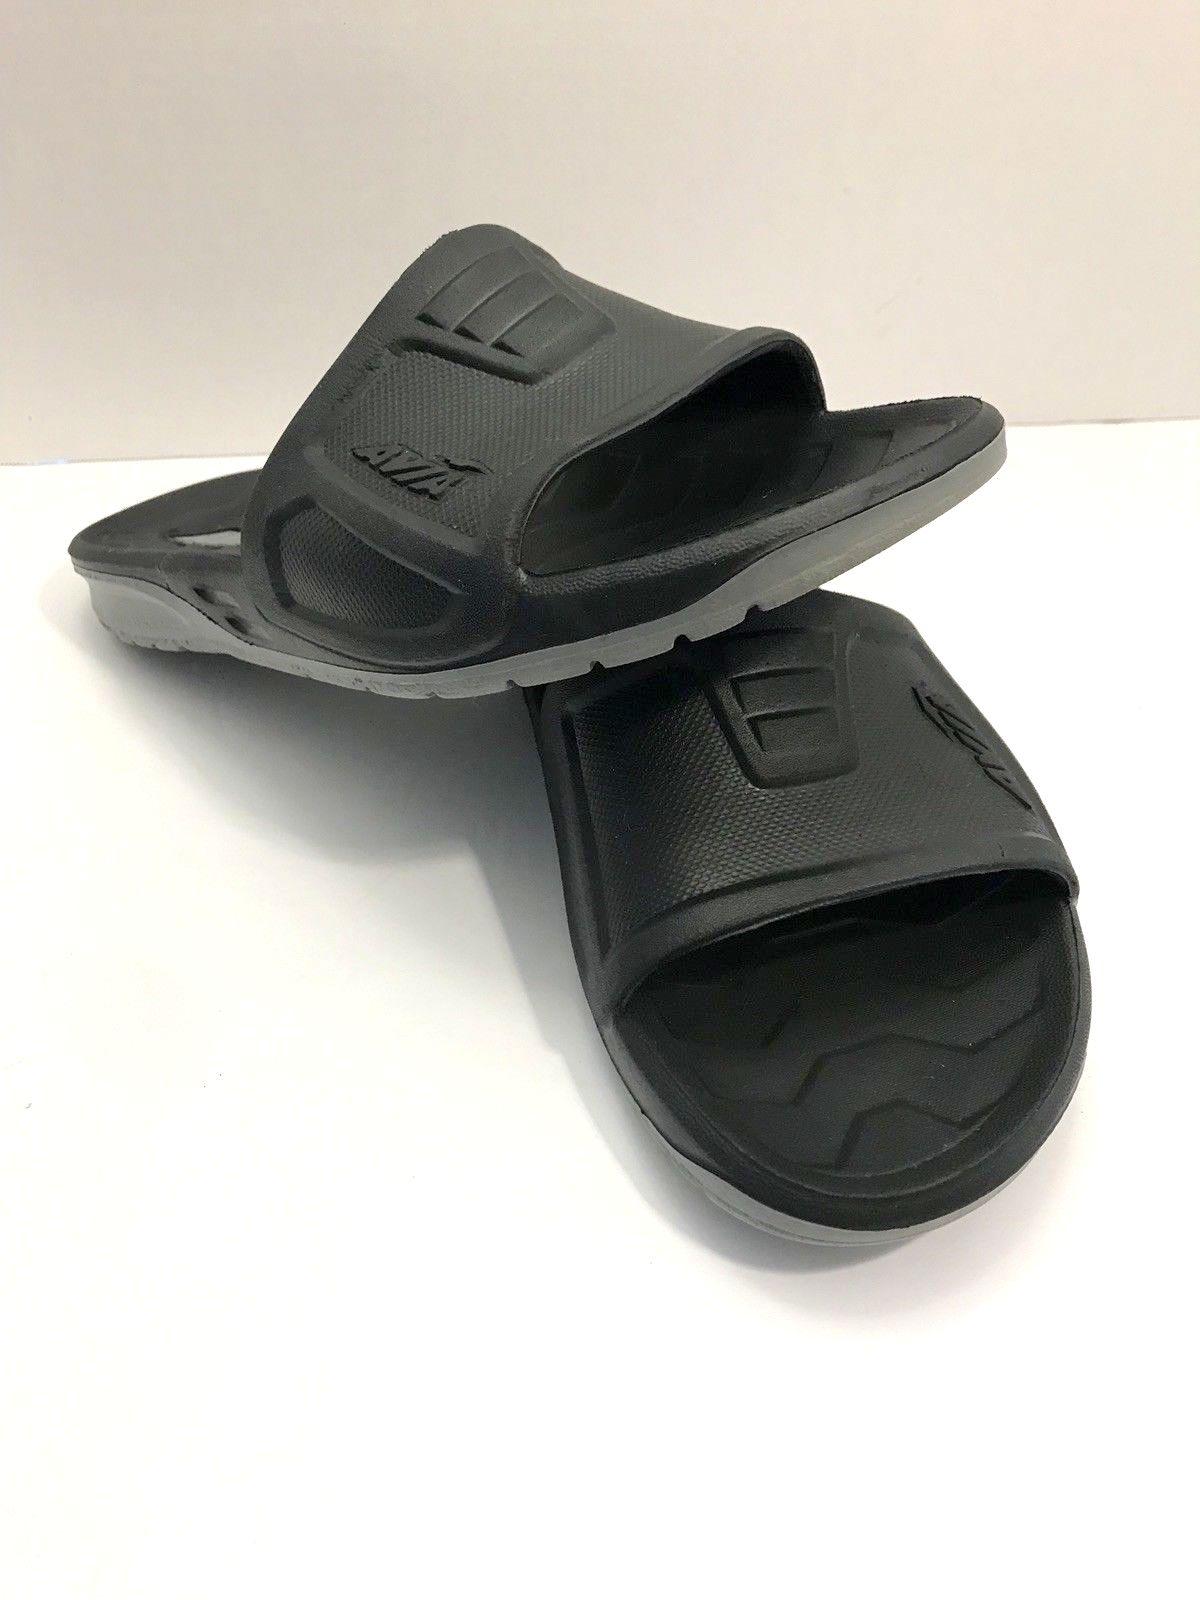 5cf0fba4c3dd New Avia BRACE SLIDE Mens 11 Black Gray Molded Slide Flip Flops ...